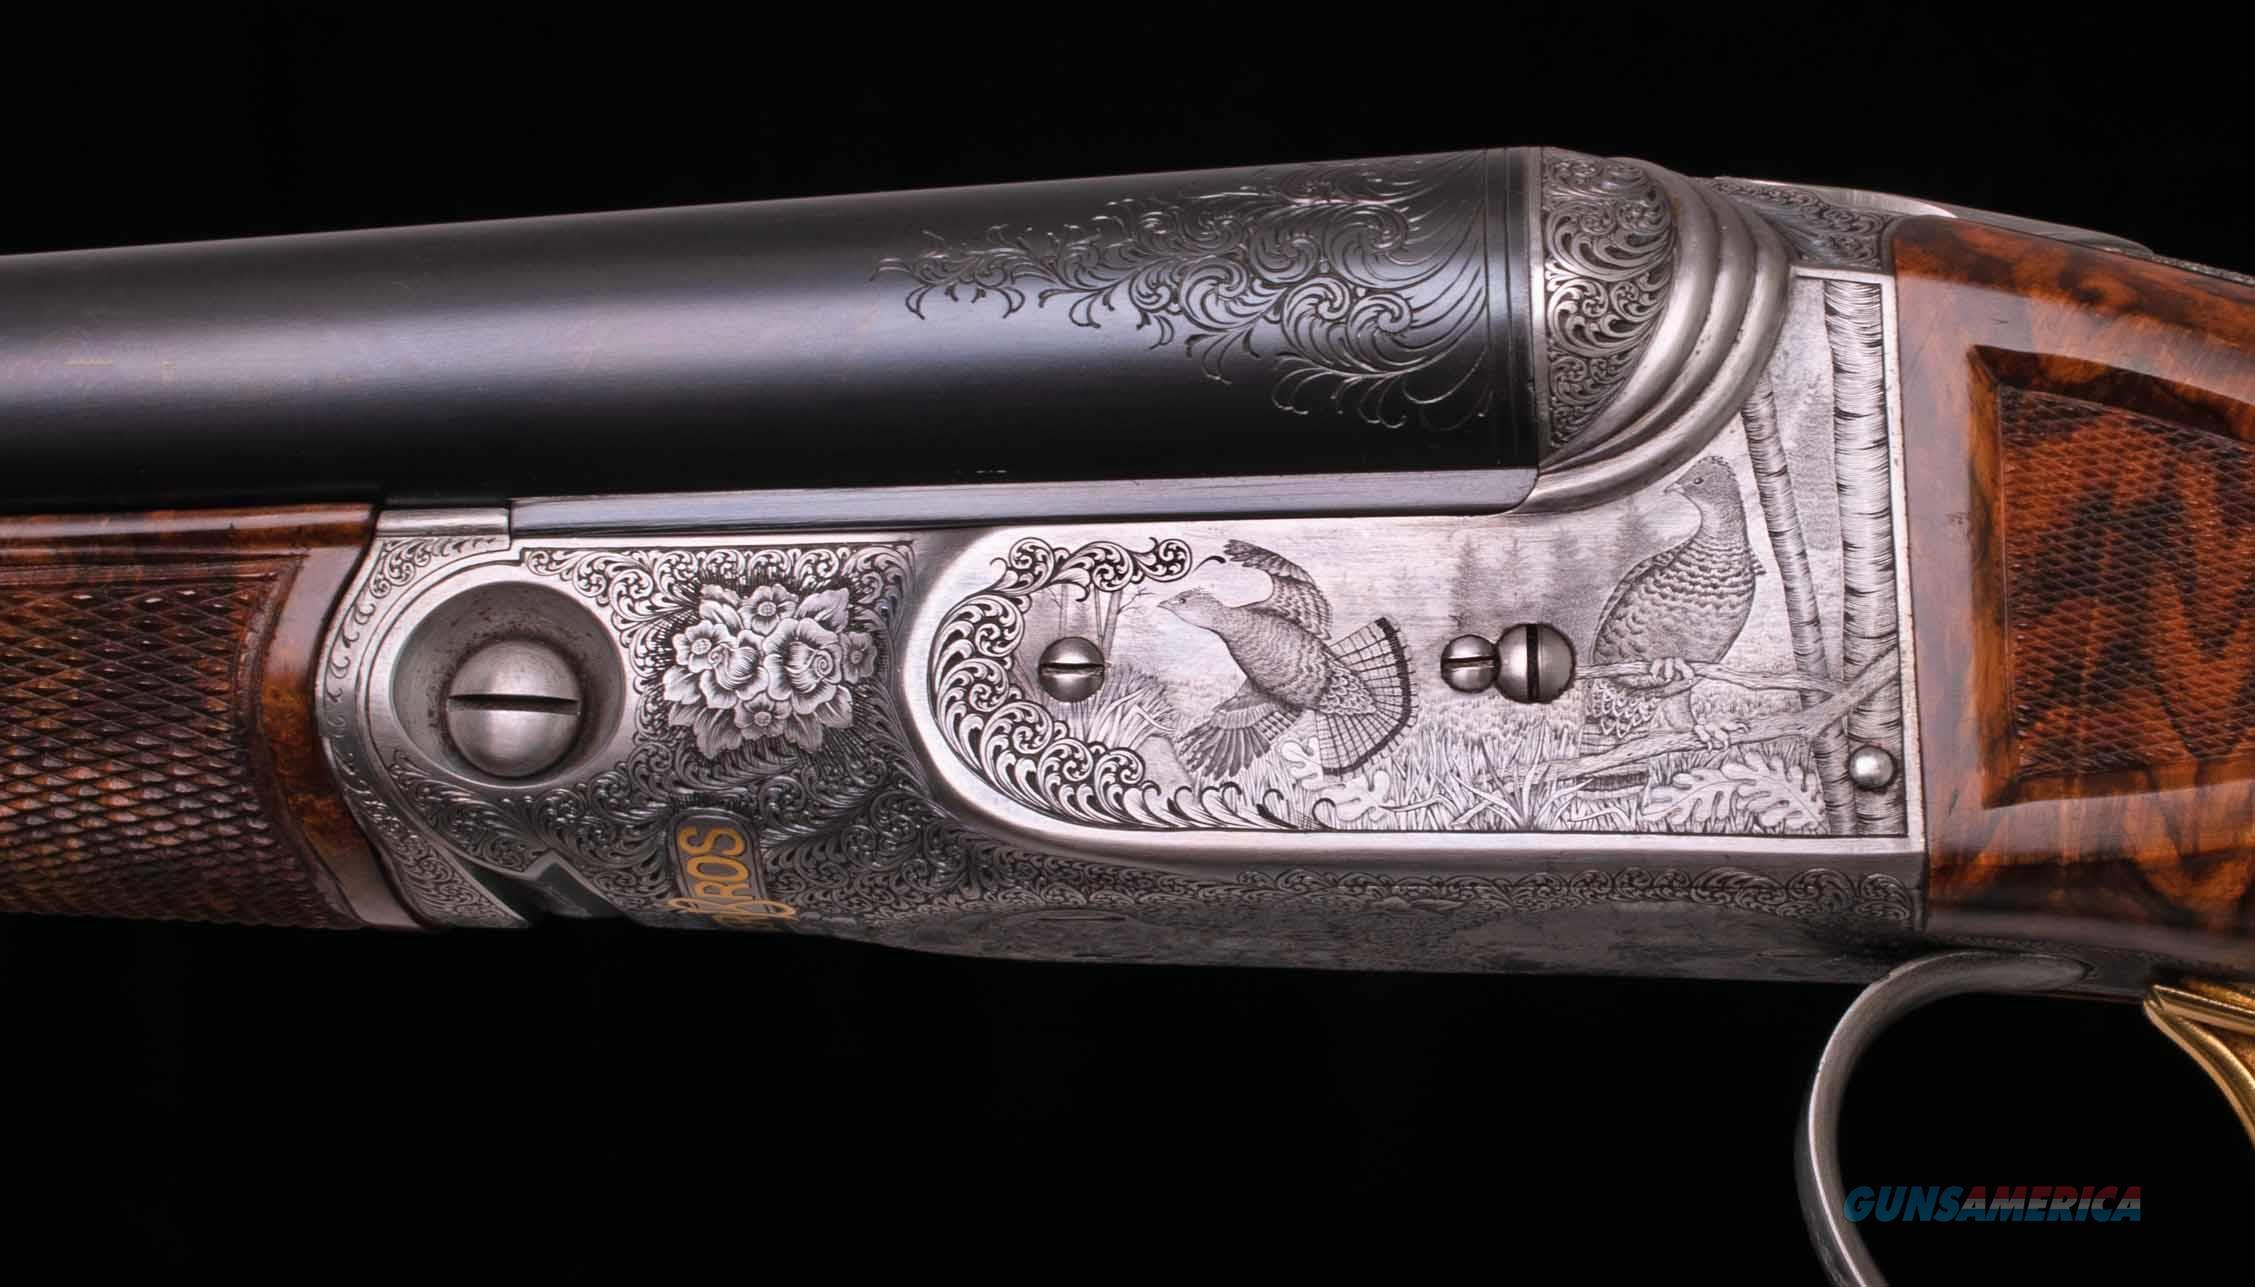 Parker A-1 Special 20 Gauge - CUSTOM 3 BARREL SET, vintage firearms inc  Guns > Shotguns > Parker Shotguns